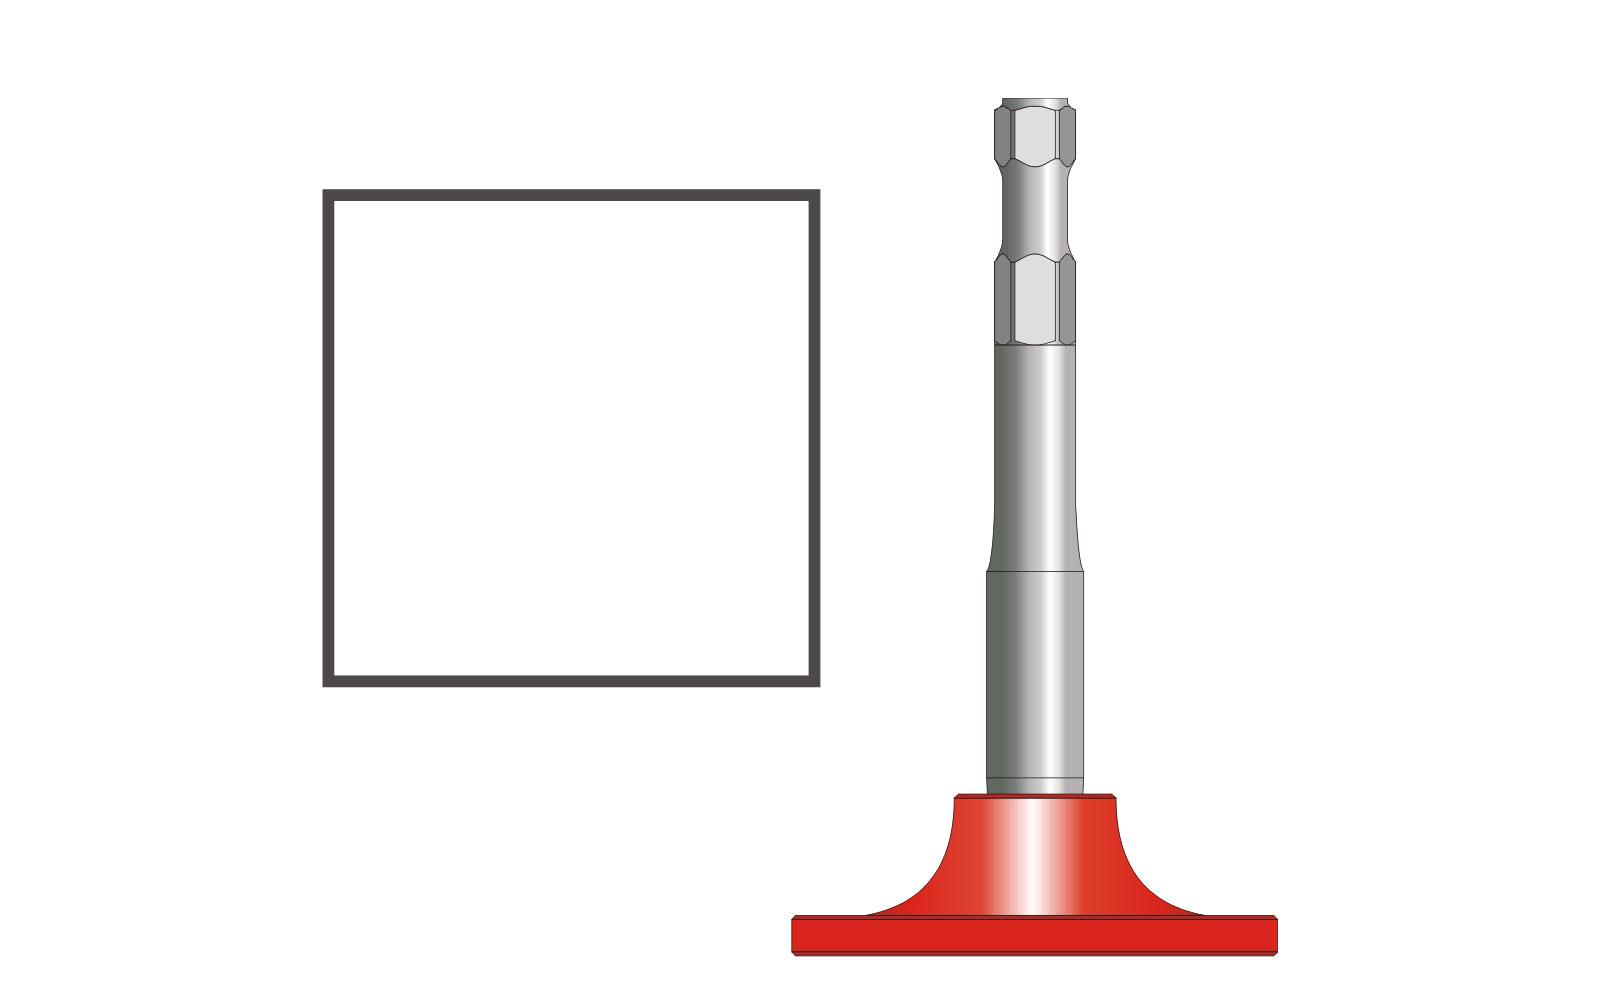 VOGT Verdichterplatte quadratisch 120/120 mm, l = 220 mm